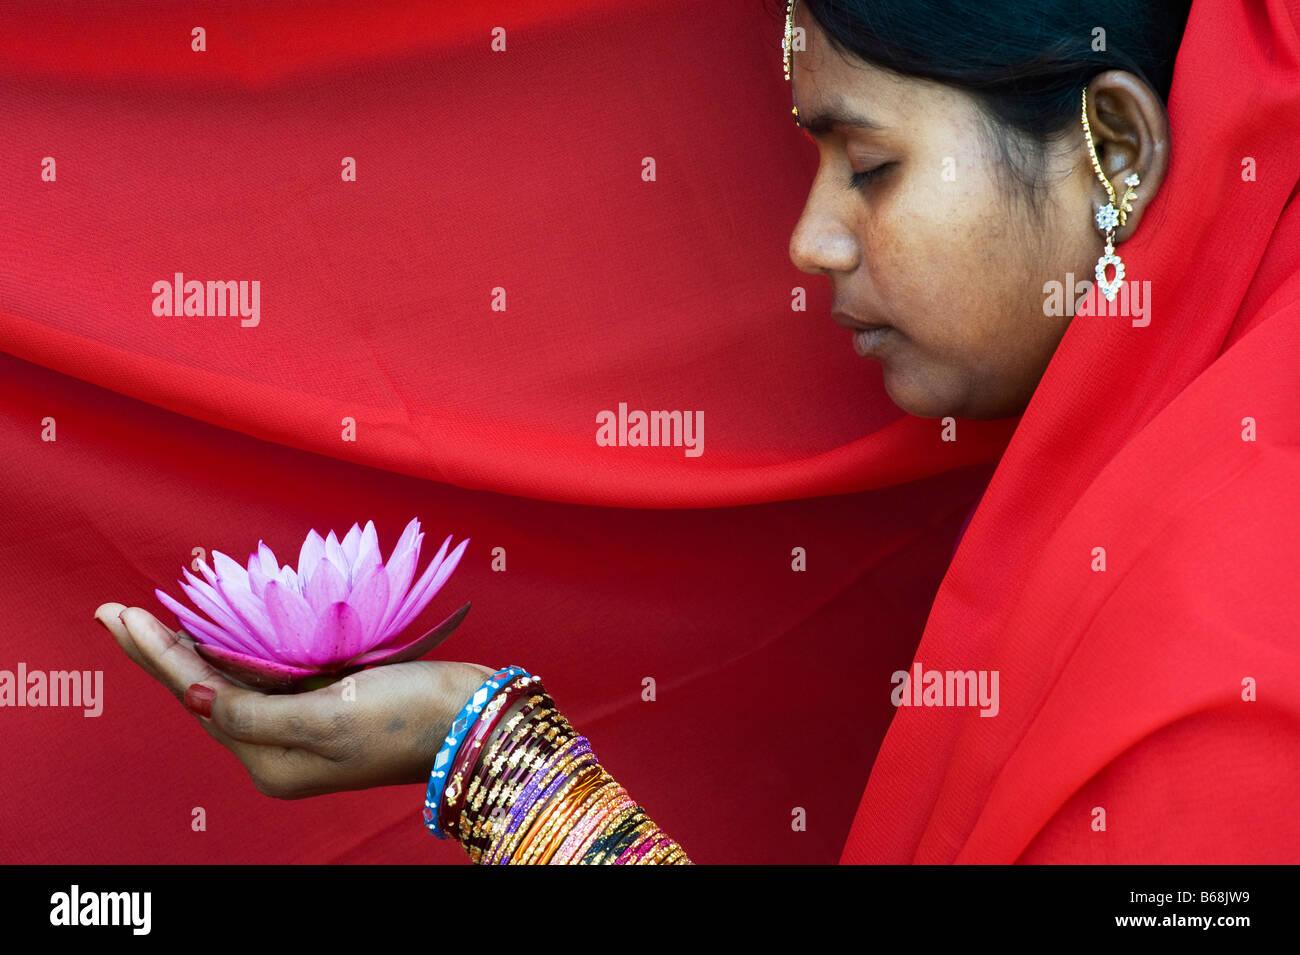 Donna indiana offre un Nymphaea ninfea tropicale fiore in un sari rosso Foto Stock